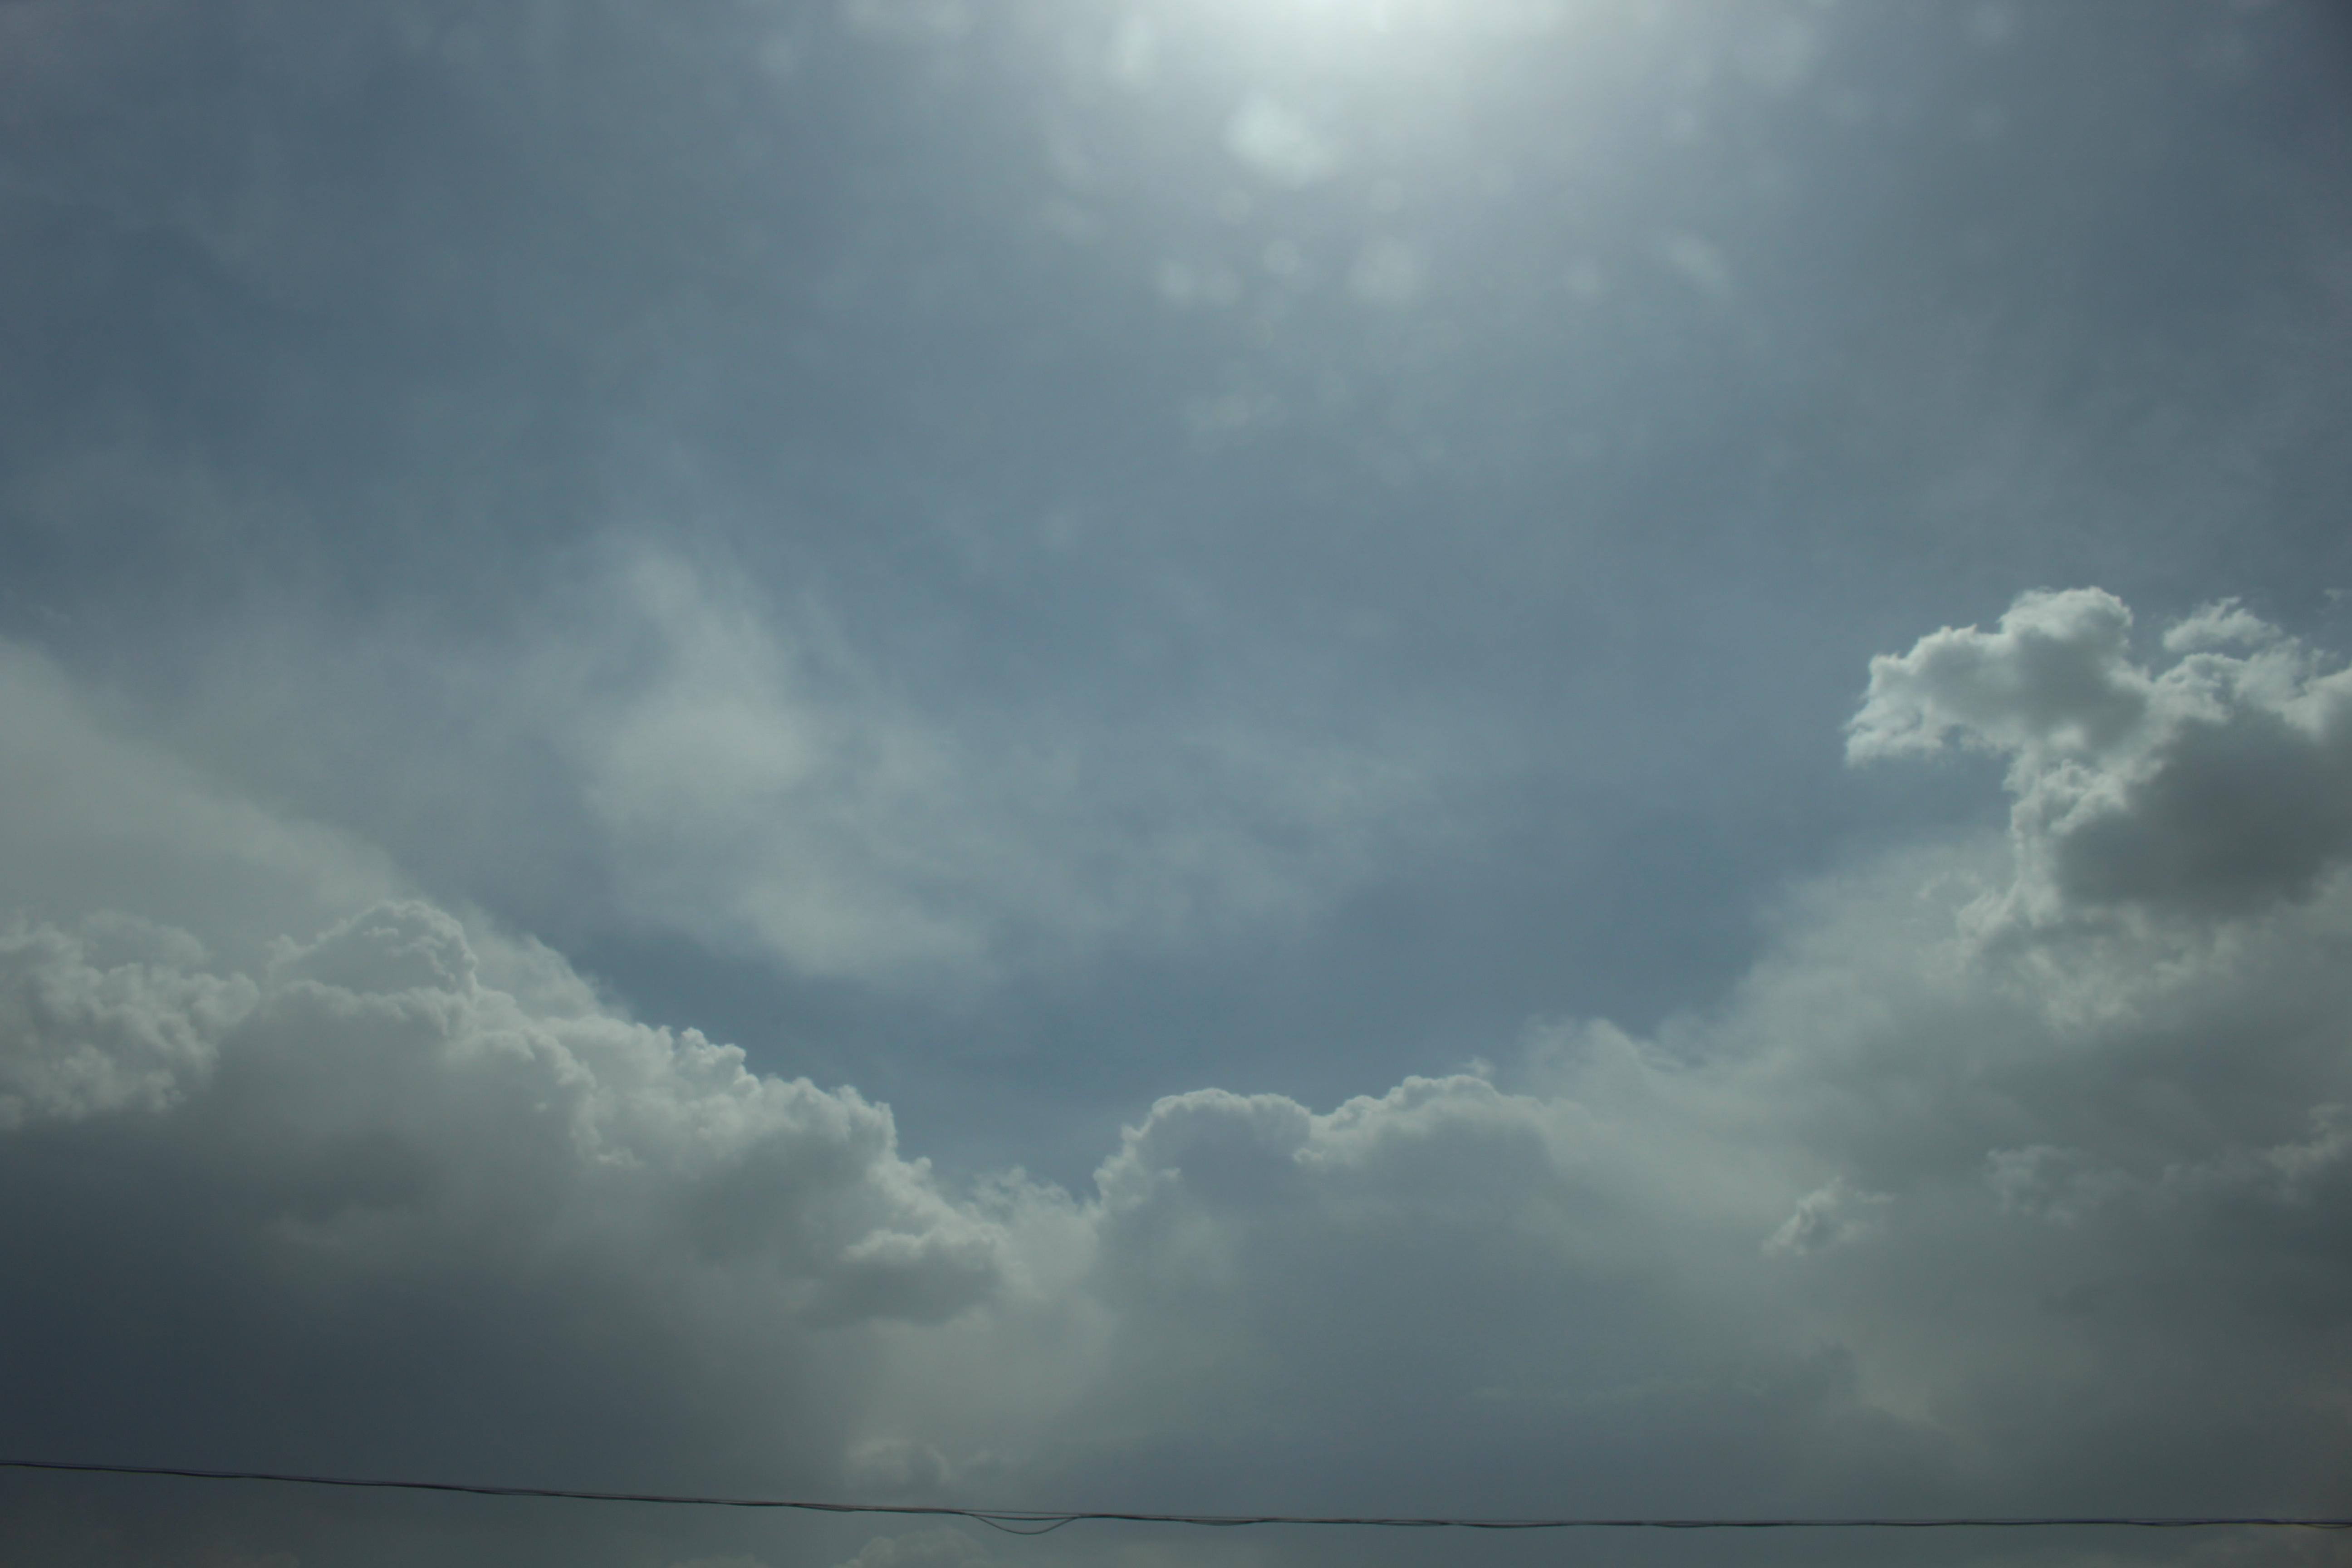 背景 壁纸 风景 气候 气象 天空 桌面 5184_3456